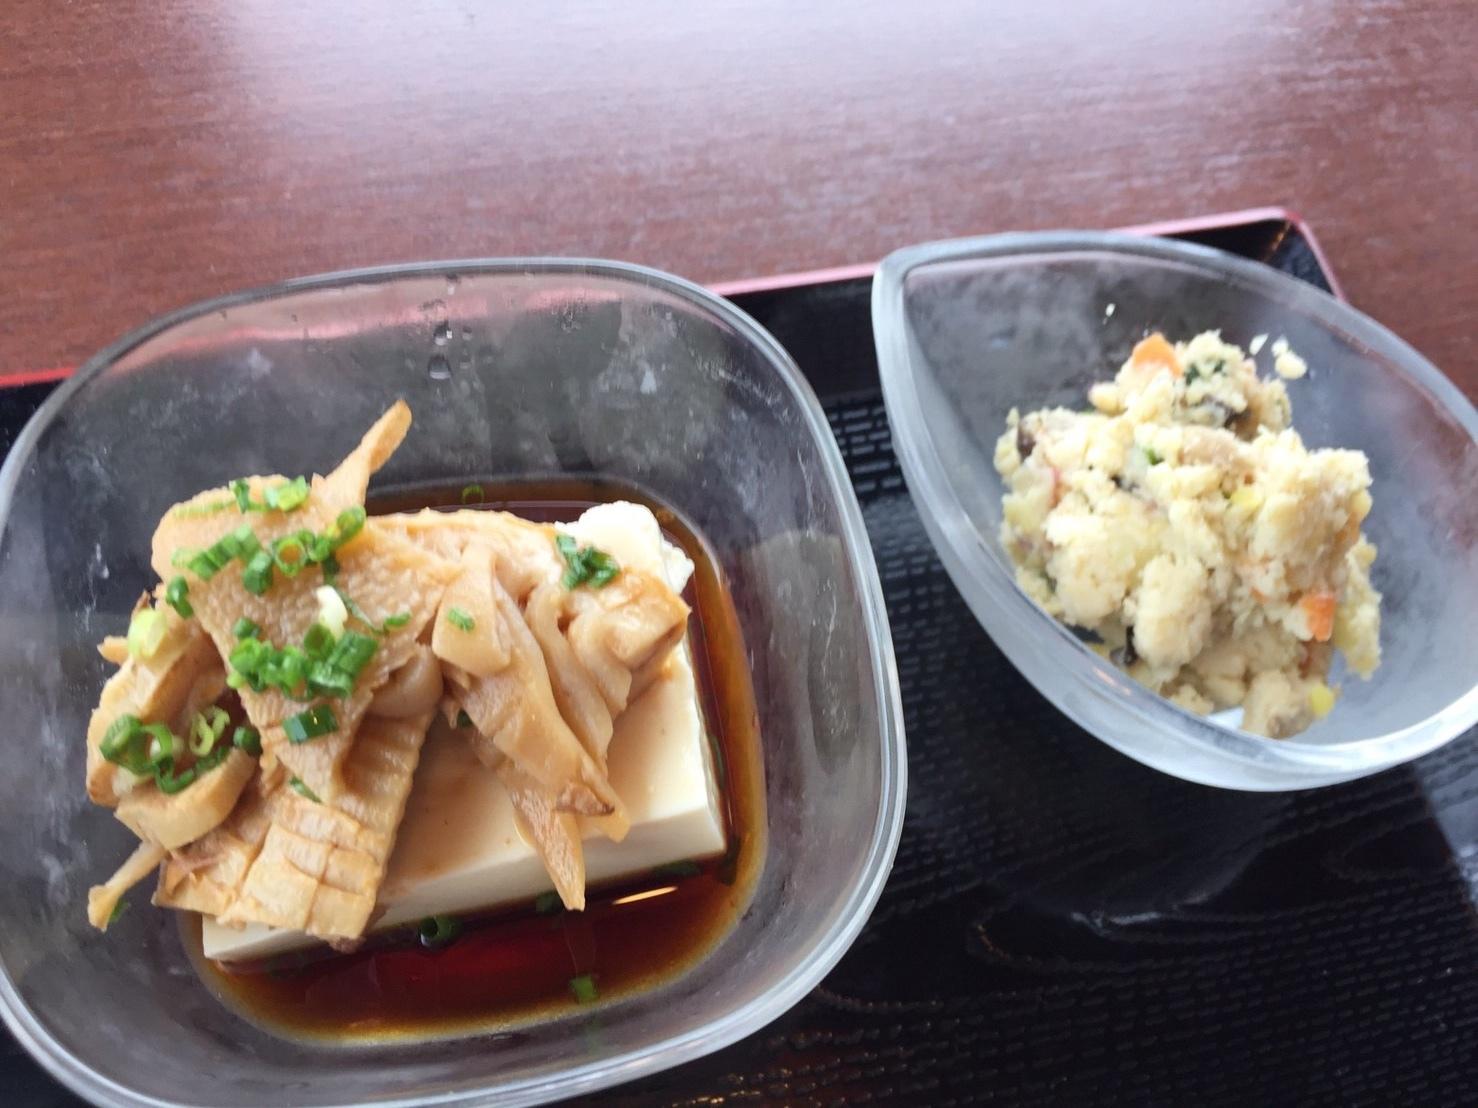 福神喫茶店  ランチ_e0115904_11531224.jpeg